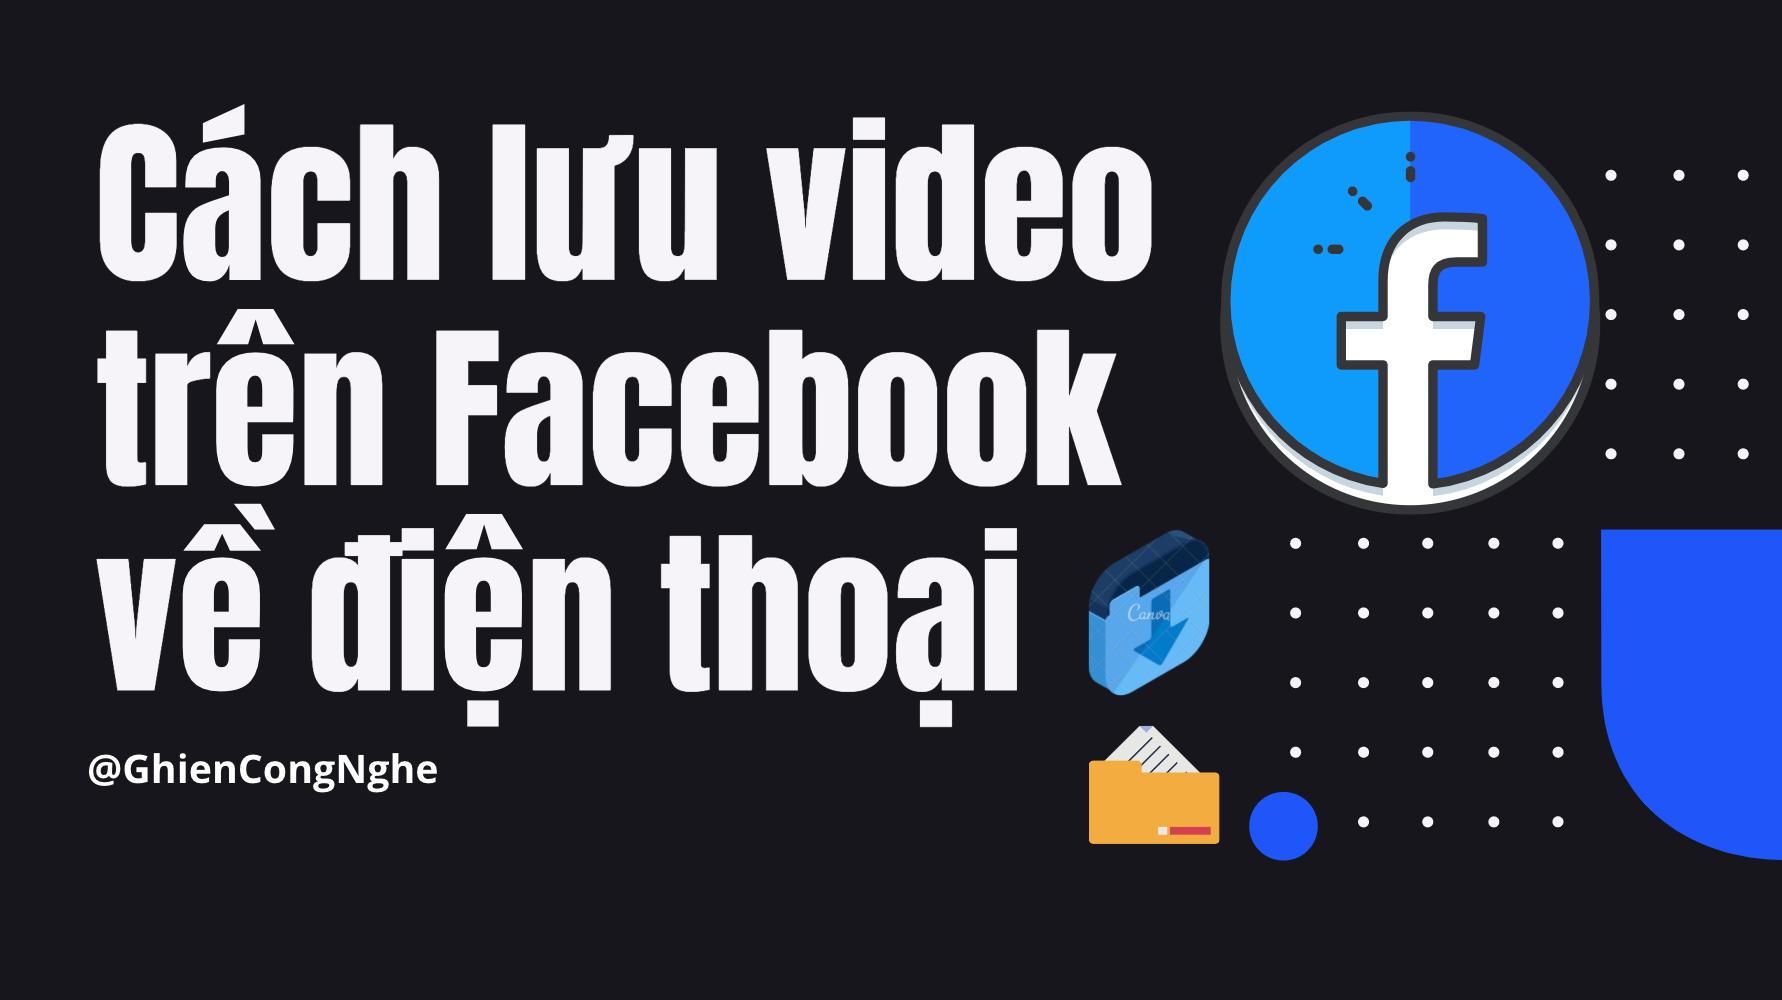 Tất tần tật cách lưu video trên Facebook về điện thoại